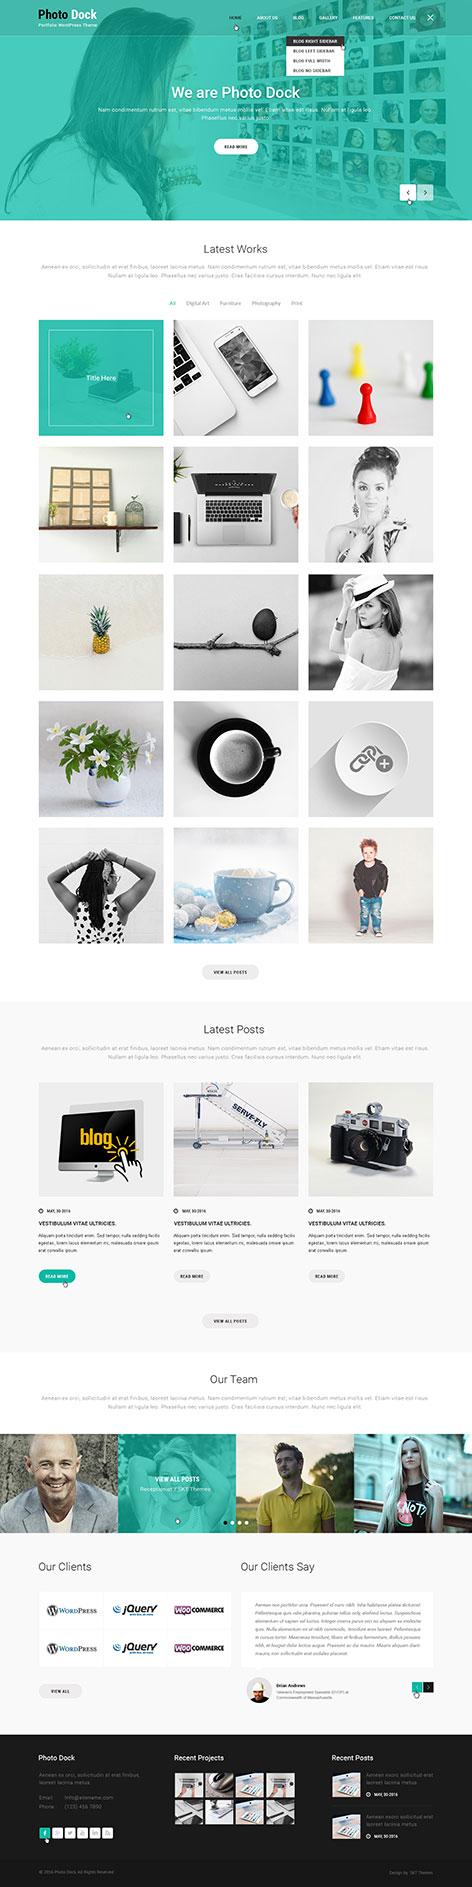 portfolio wordpress theme1 1 - PicArt